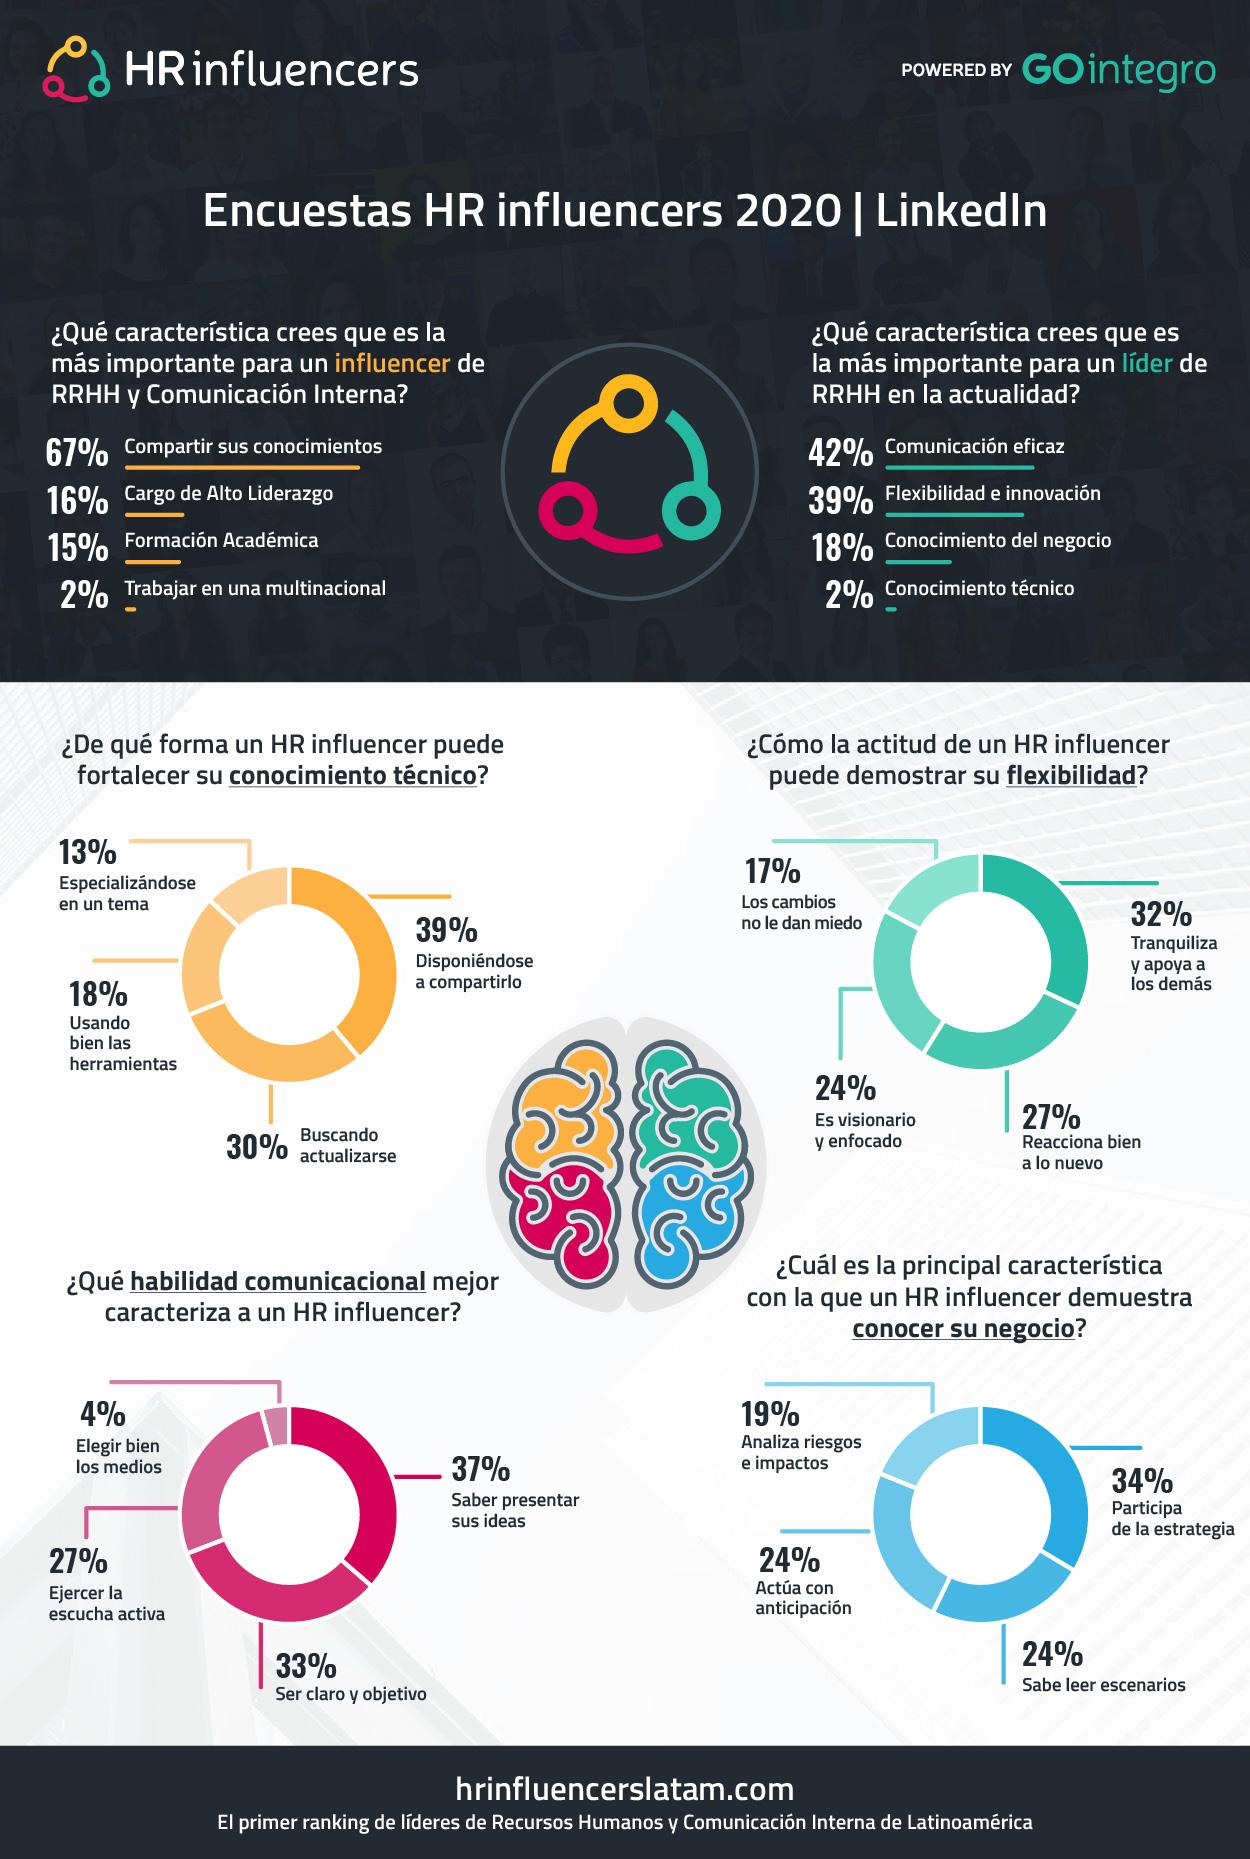 Encuestas HR influencers 2020